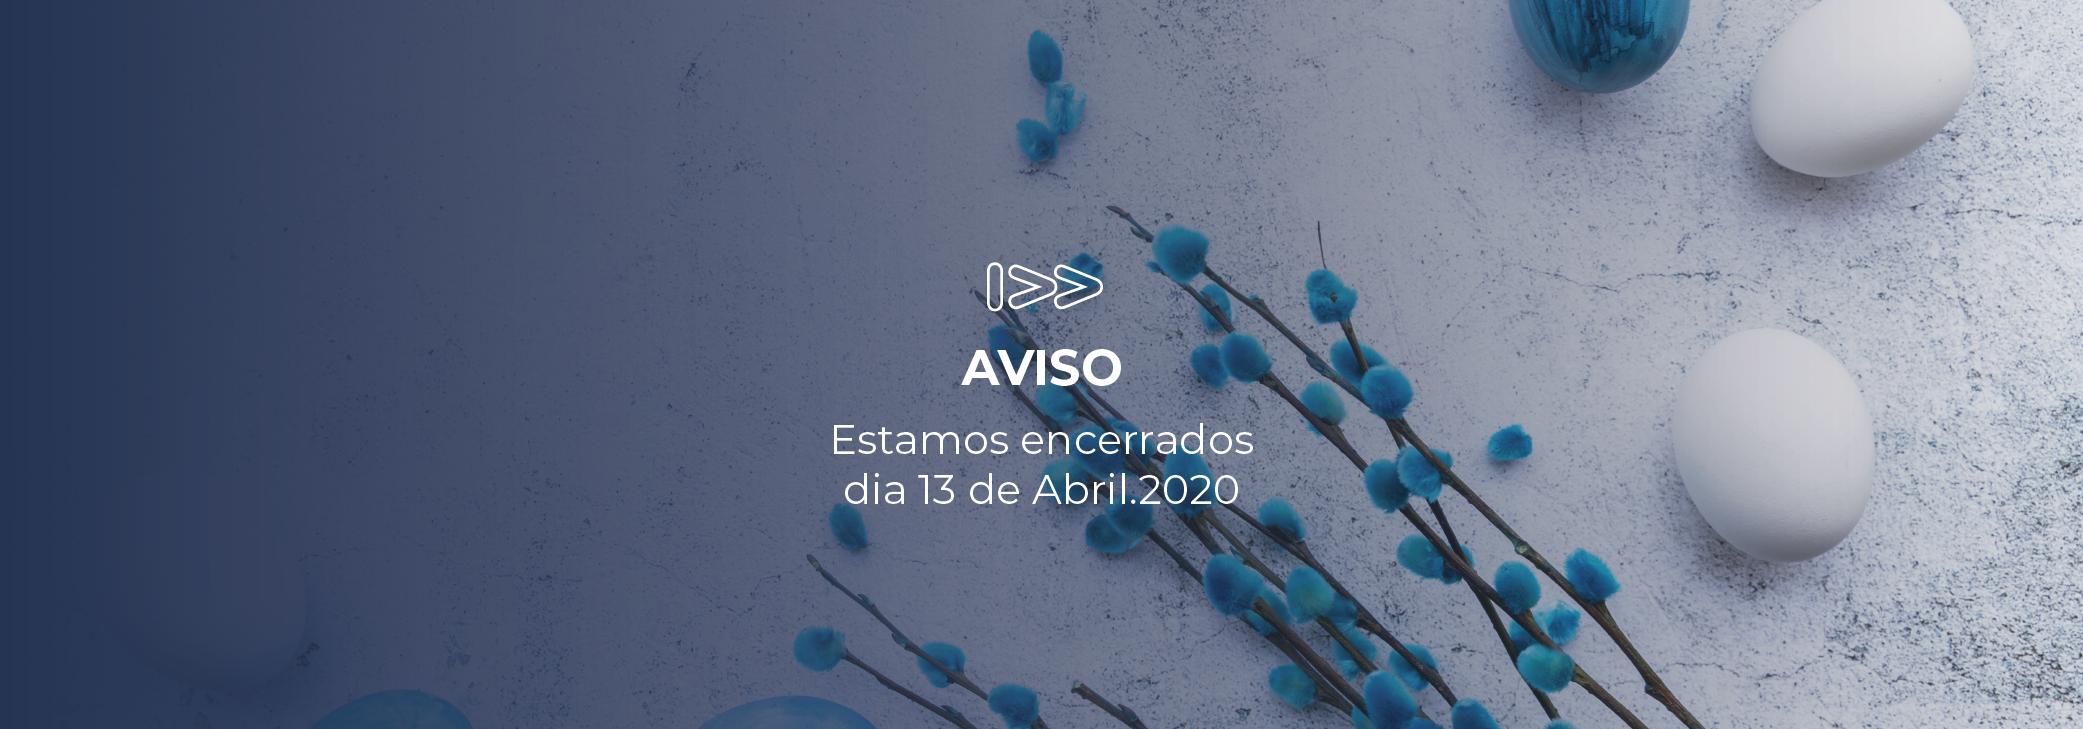 AVISO - Estamos encerrados dia 13 de Abril.2020